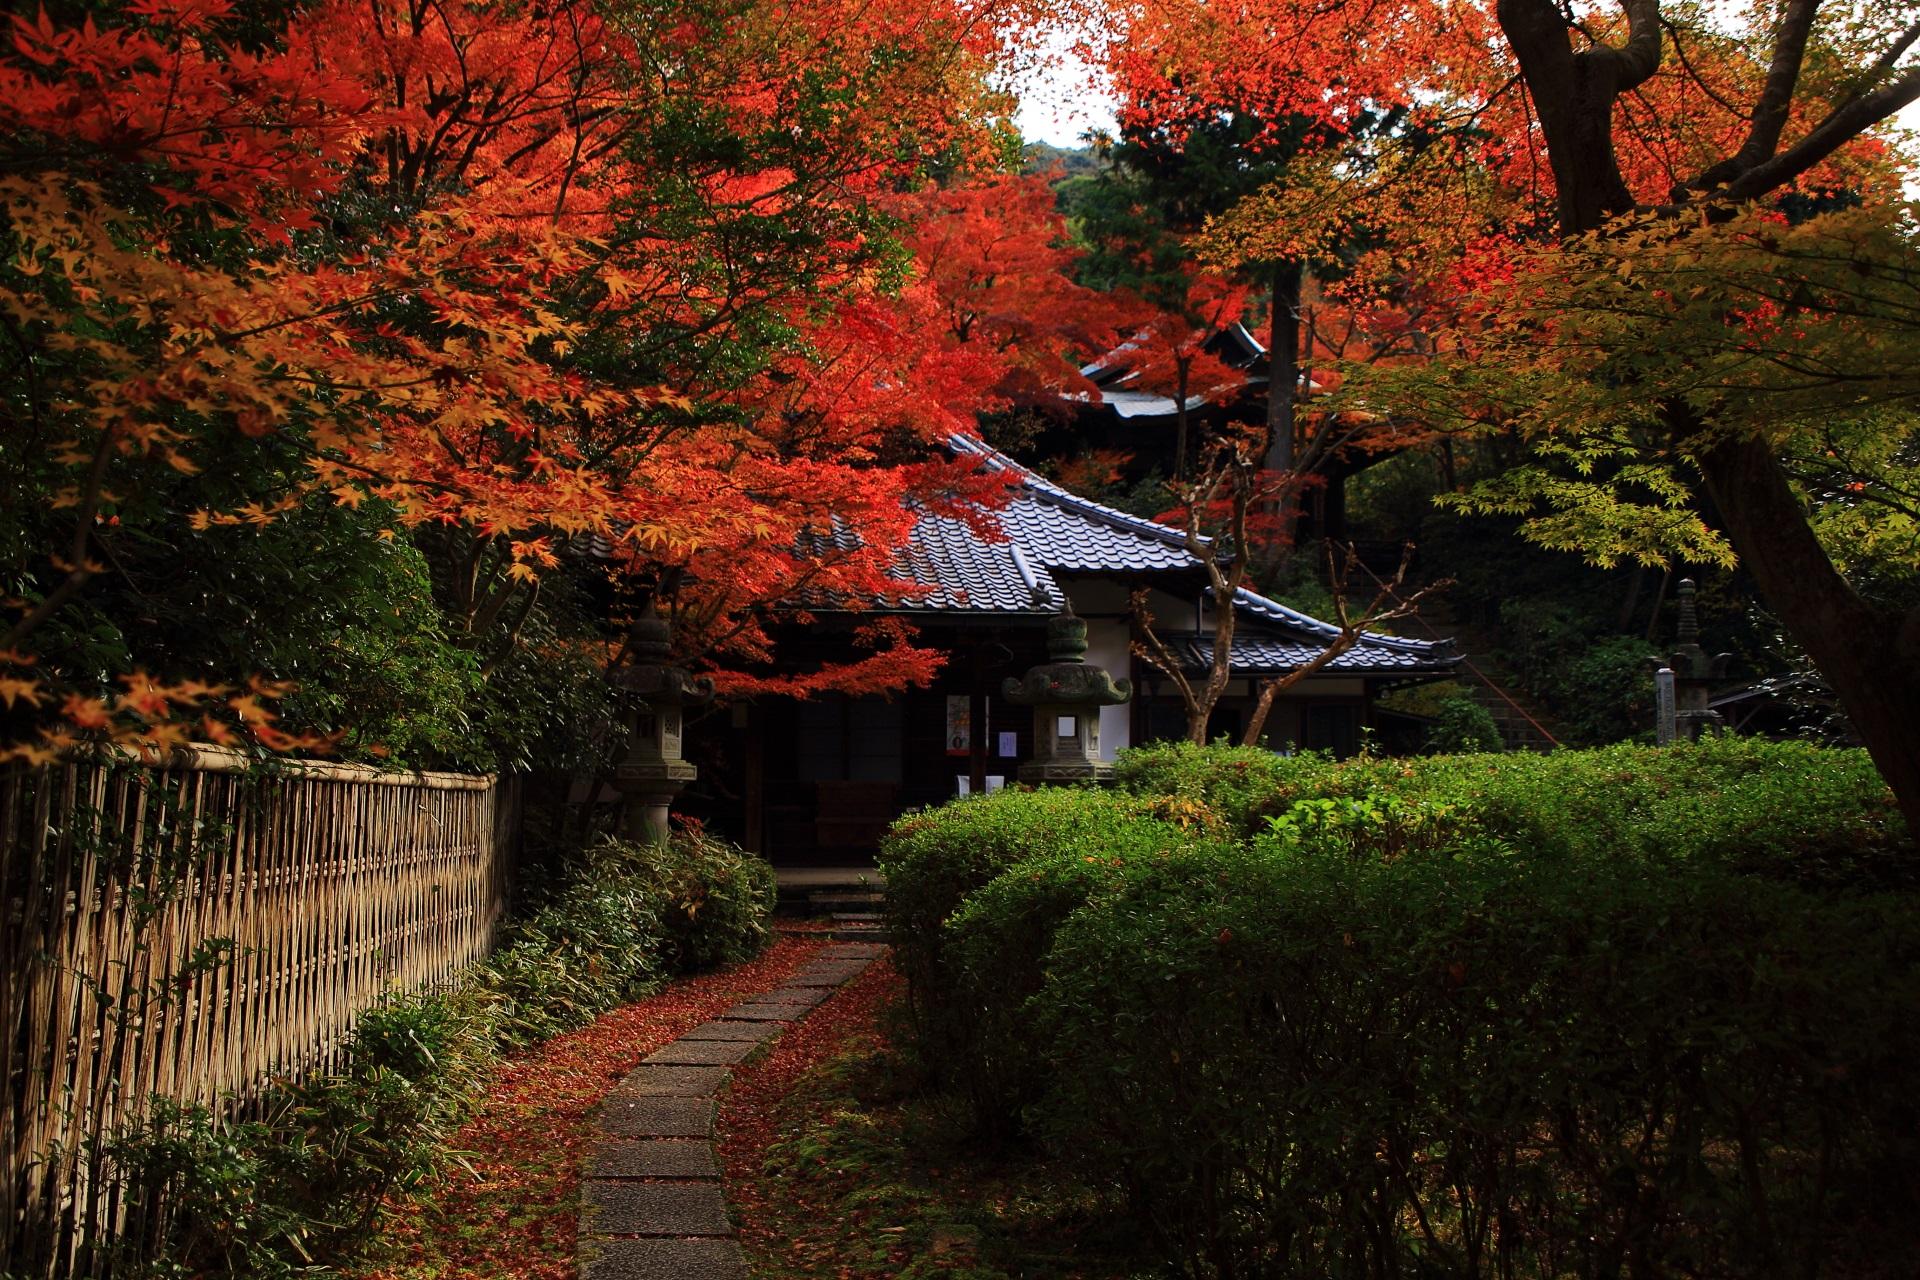 来迎院の真っ赤に色づいた紅葉につつまれる本堂と荒神堂